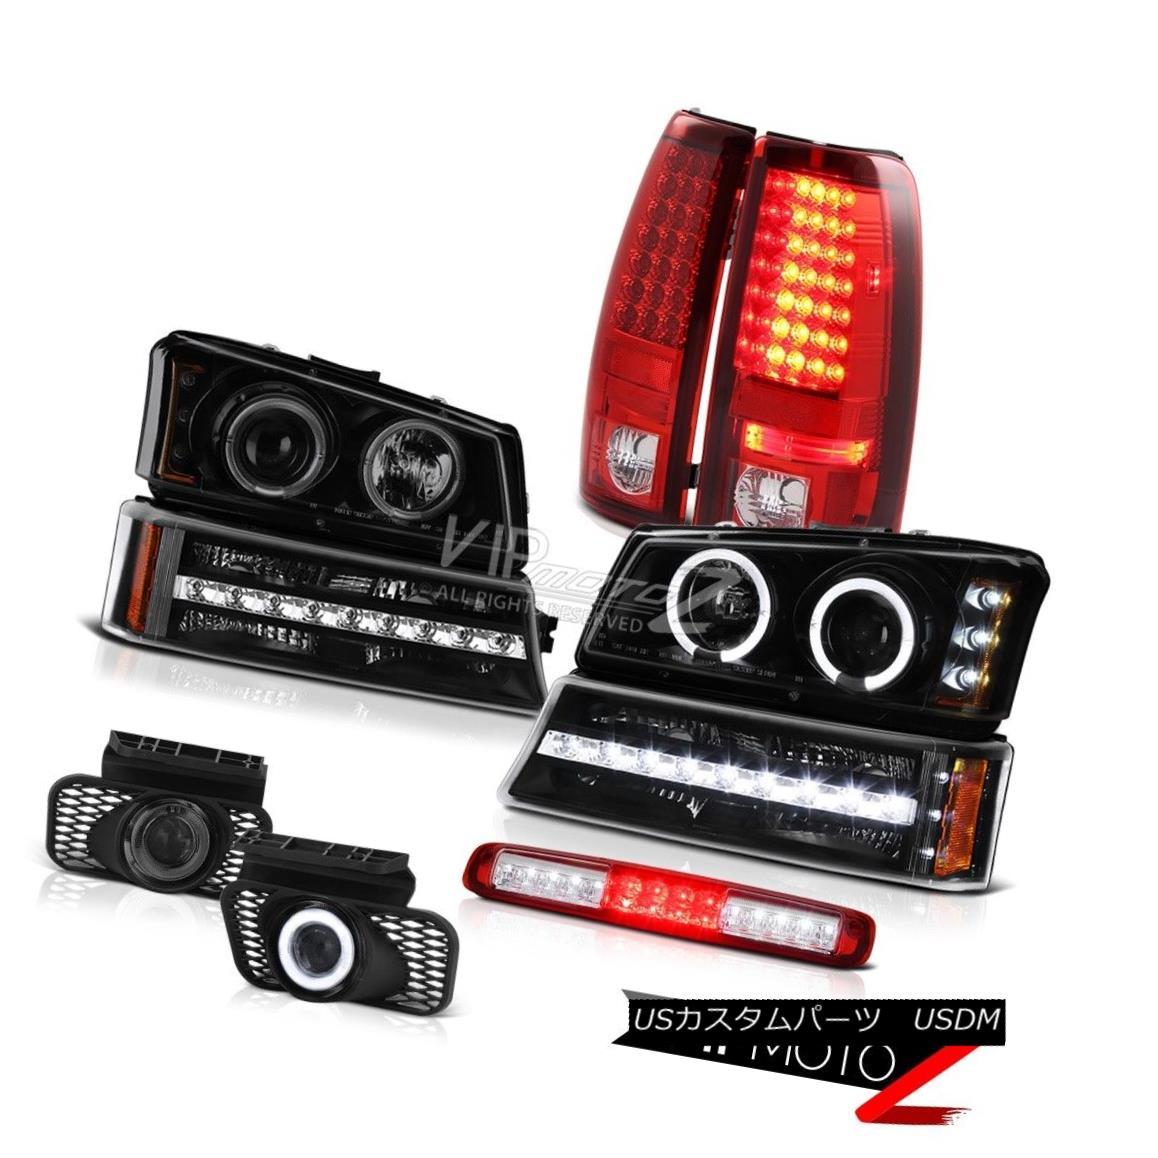 ヘッドライト 2003-2006 Silverado 1500 Red High Stop Lamp Foglights Signal Headlamps Taillamps 2003-2006 Silverado 1500レッドハイストップランプフォグライトシグナルヘッドランプタイルランプ